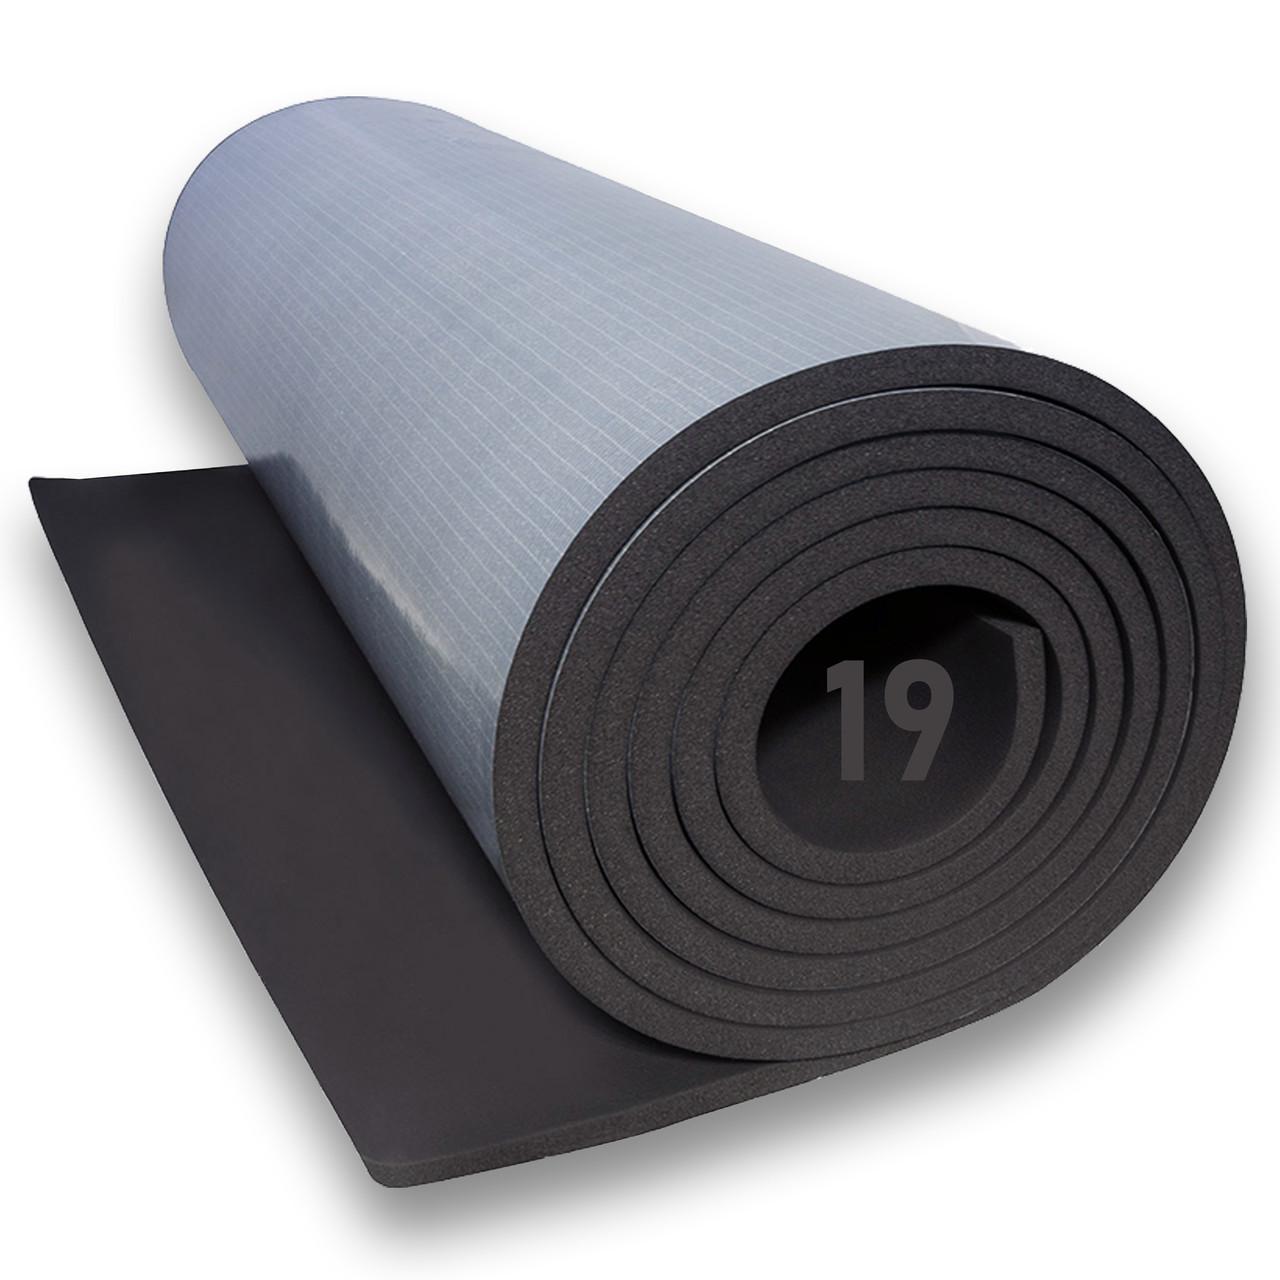 Вспененный каучук самоклеящийся 19 мм цена за рулон